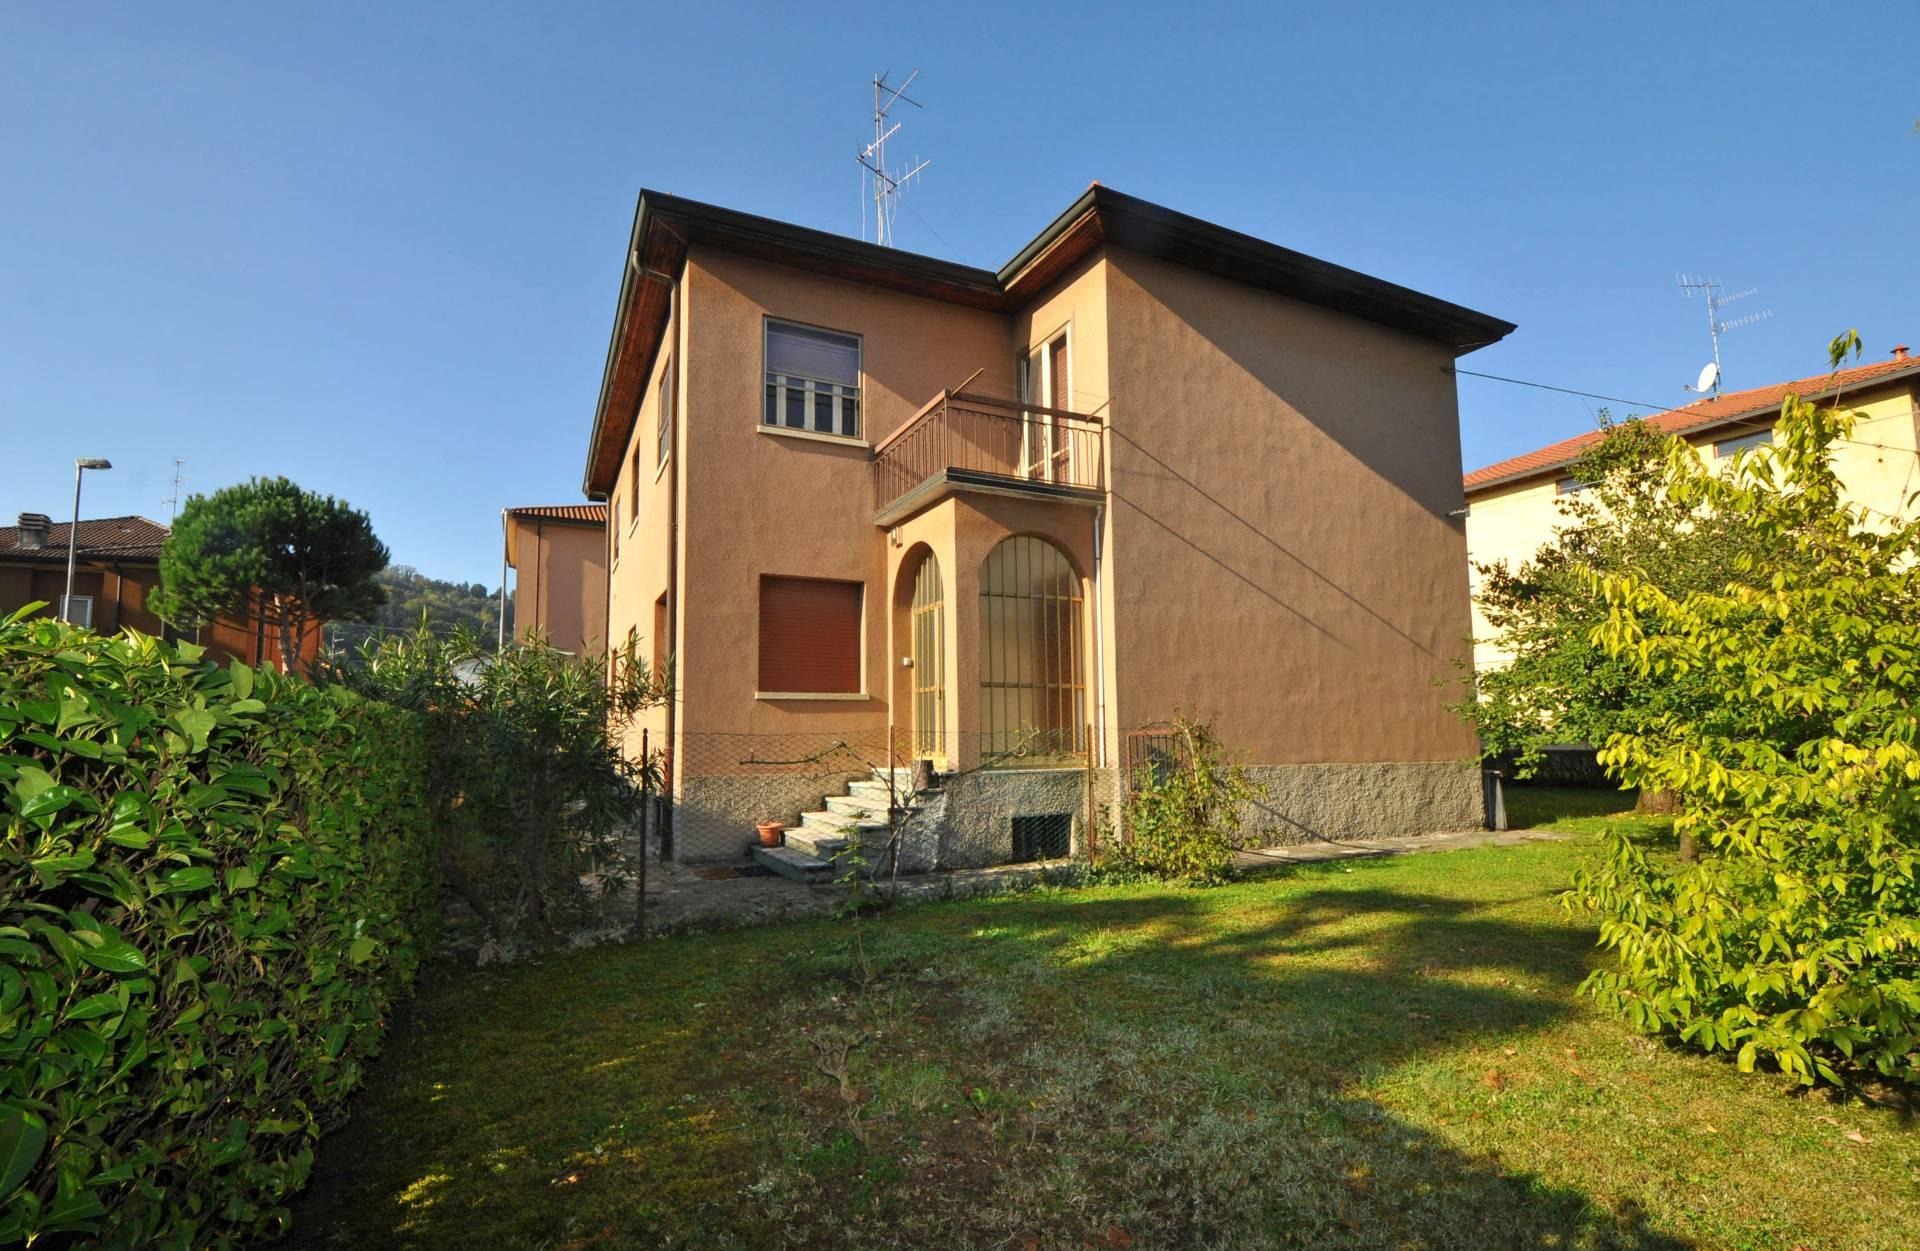 Villa in vendita a Bergamo, 9 locali, zona Zona: Valtesse, prezzo € 390.000 | Cambio Casa.it